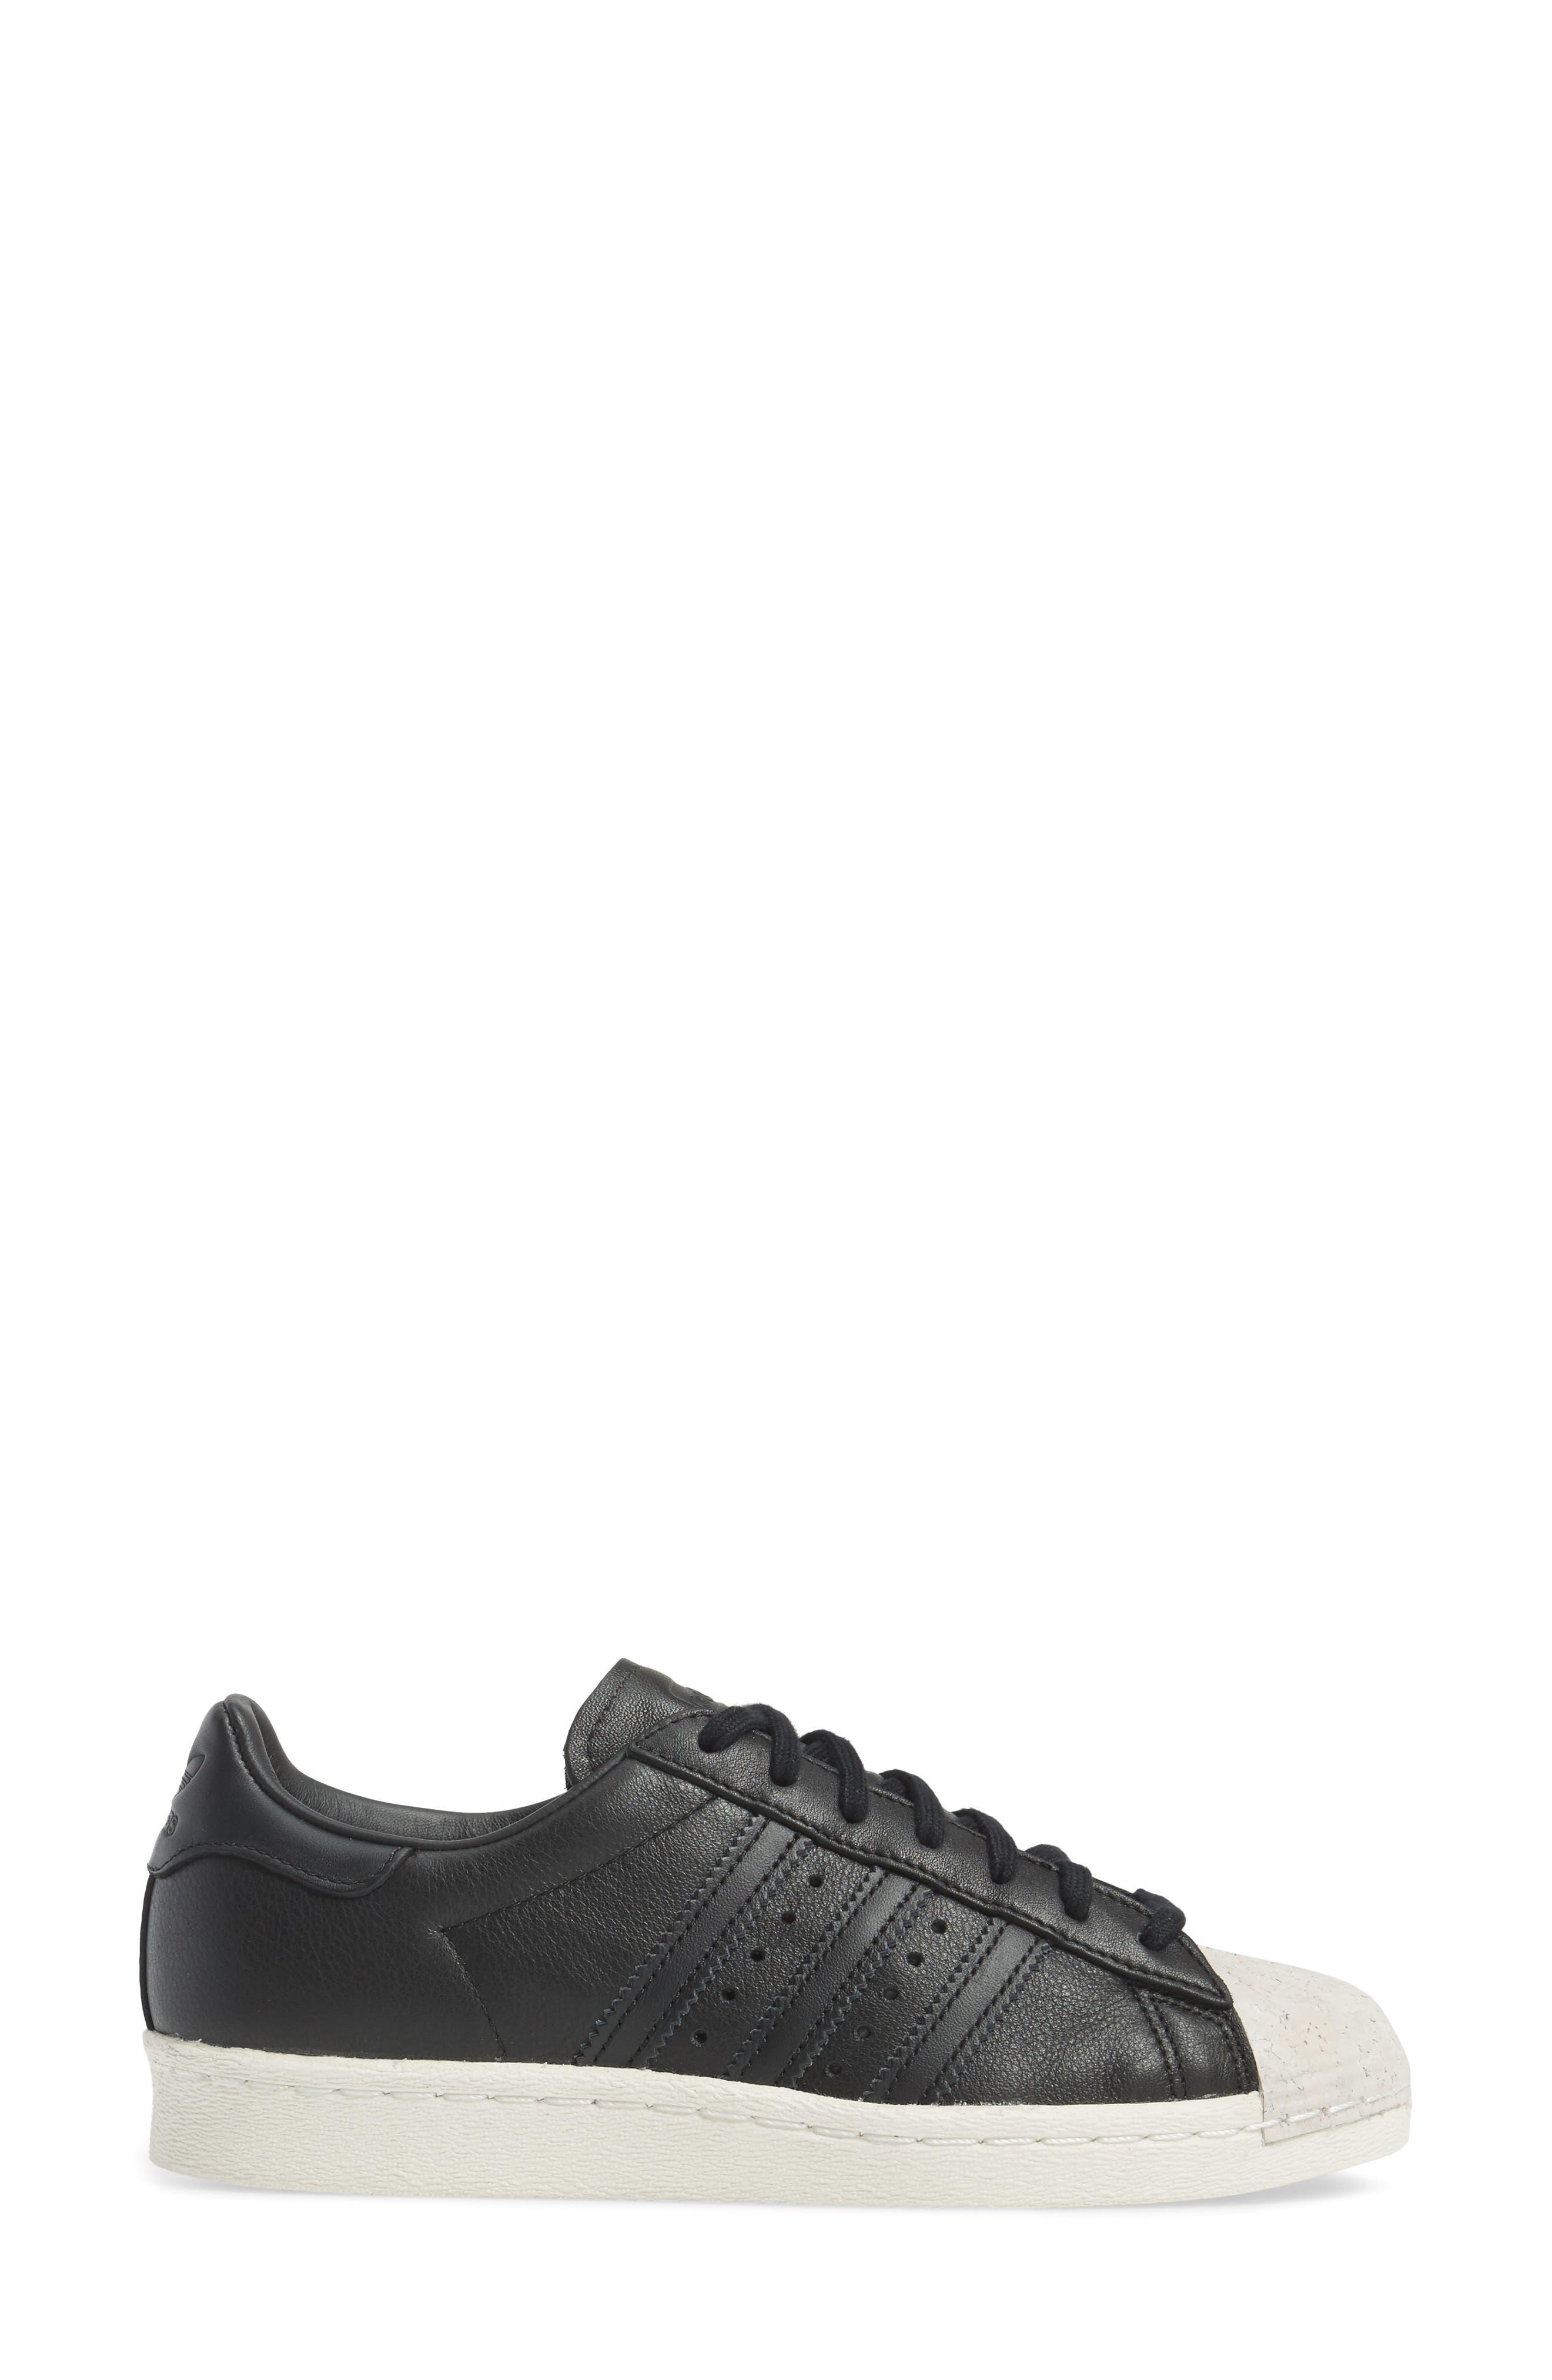 Superstar 80s Sneaker,                             Alternate thumbnail 3, color,                             001